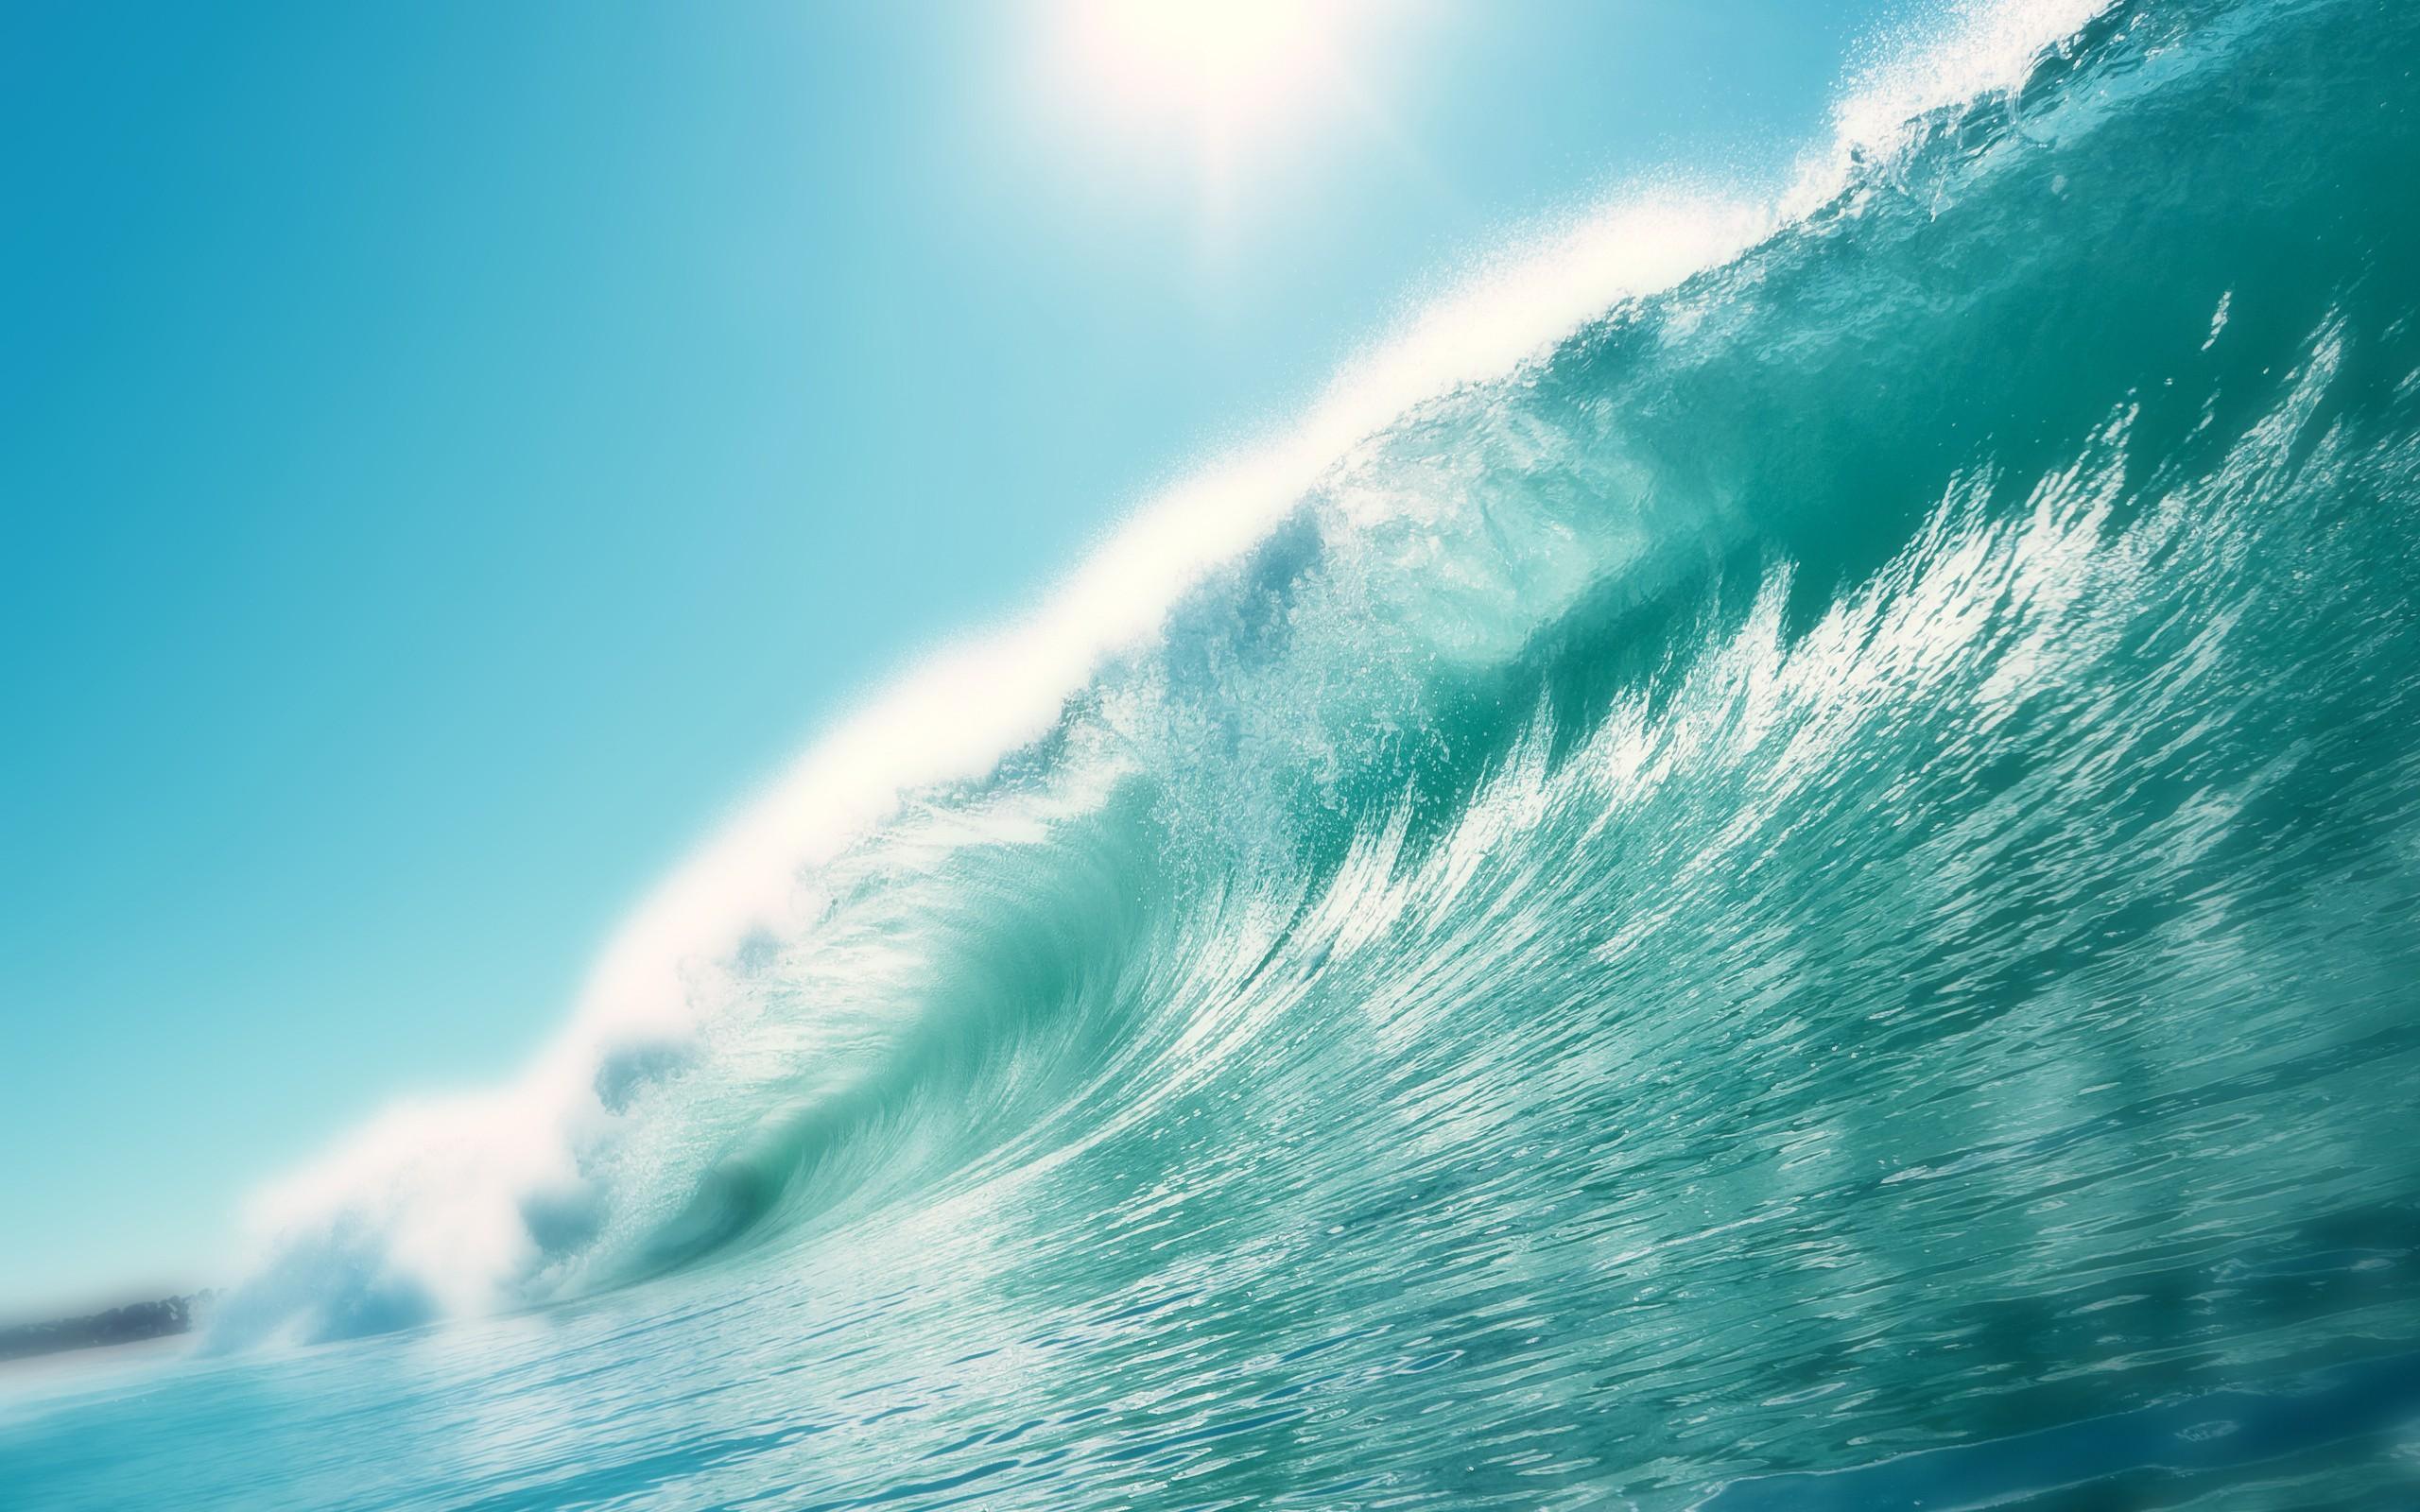 デスクトップ壁紙 日光 水 空 青 海岸 地平線 サーフィン 雲